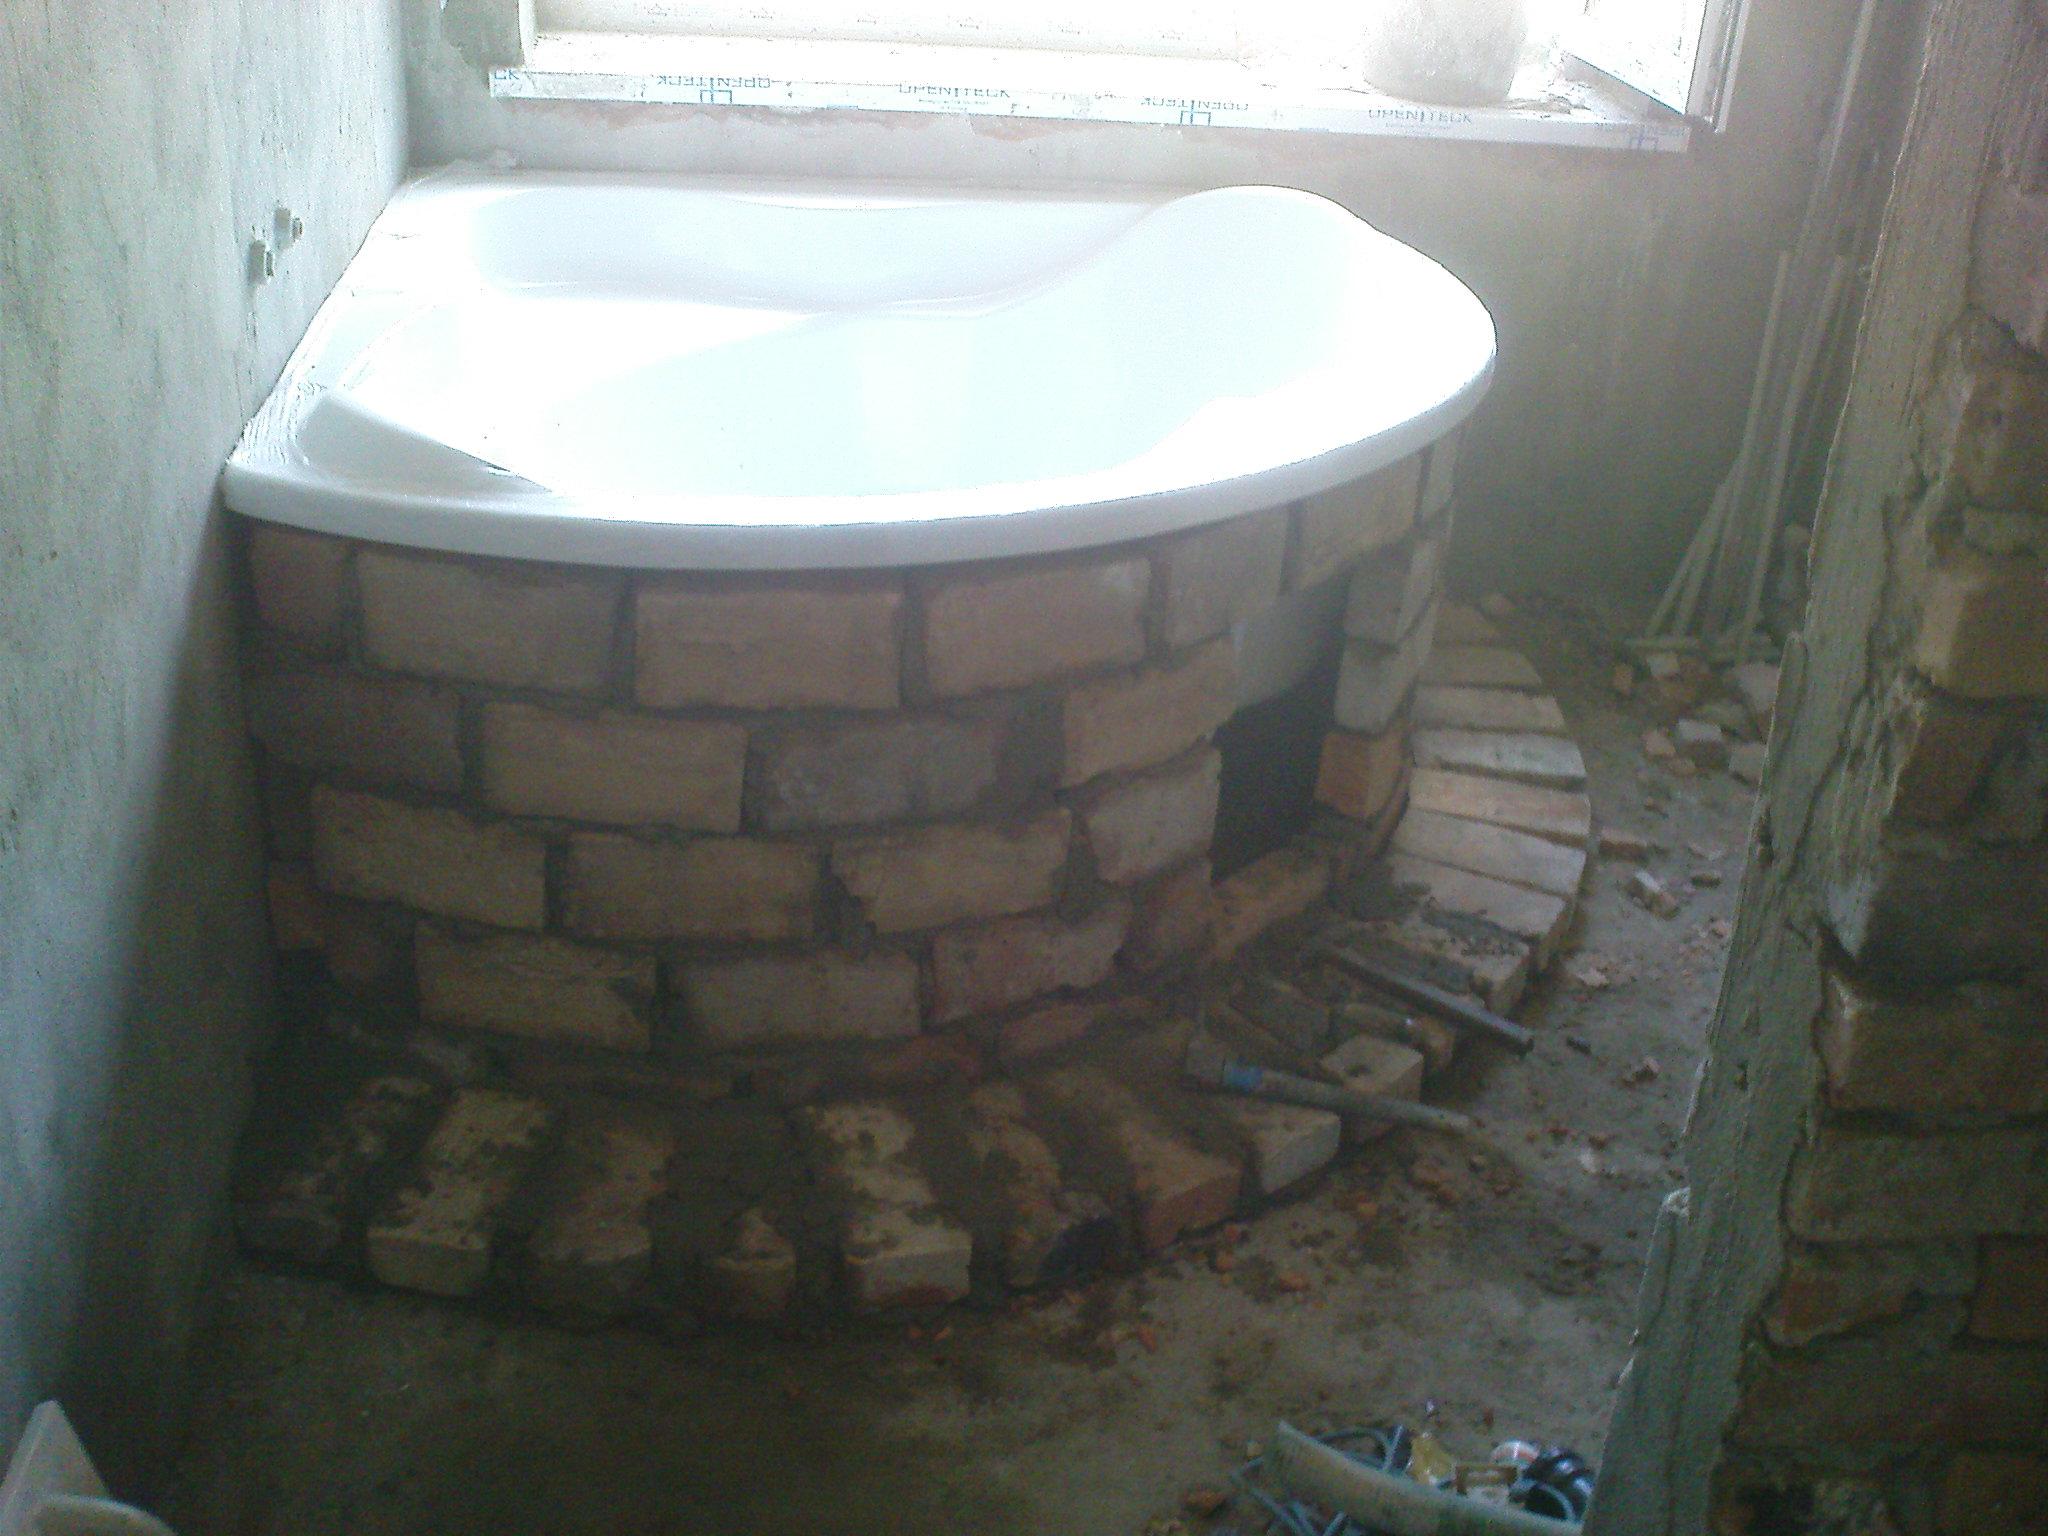 Процесс установки ванны достаточно трудоемкий, и вместе с тем выполнимый - главное вооружиться необходимыми материалами